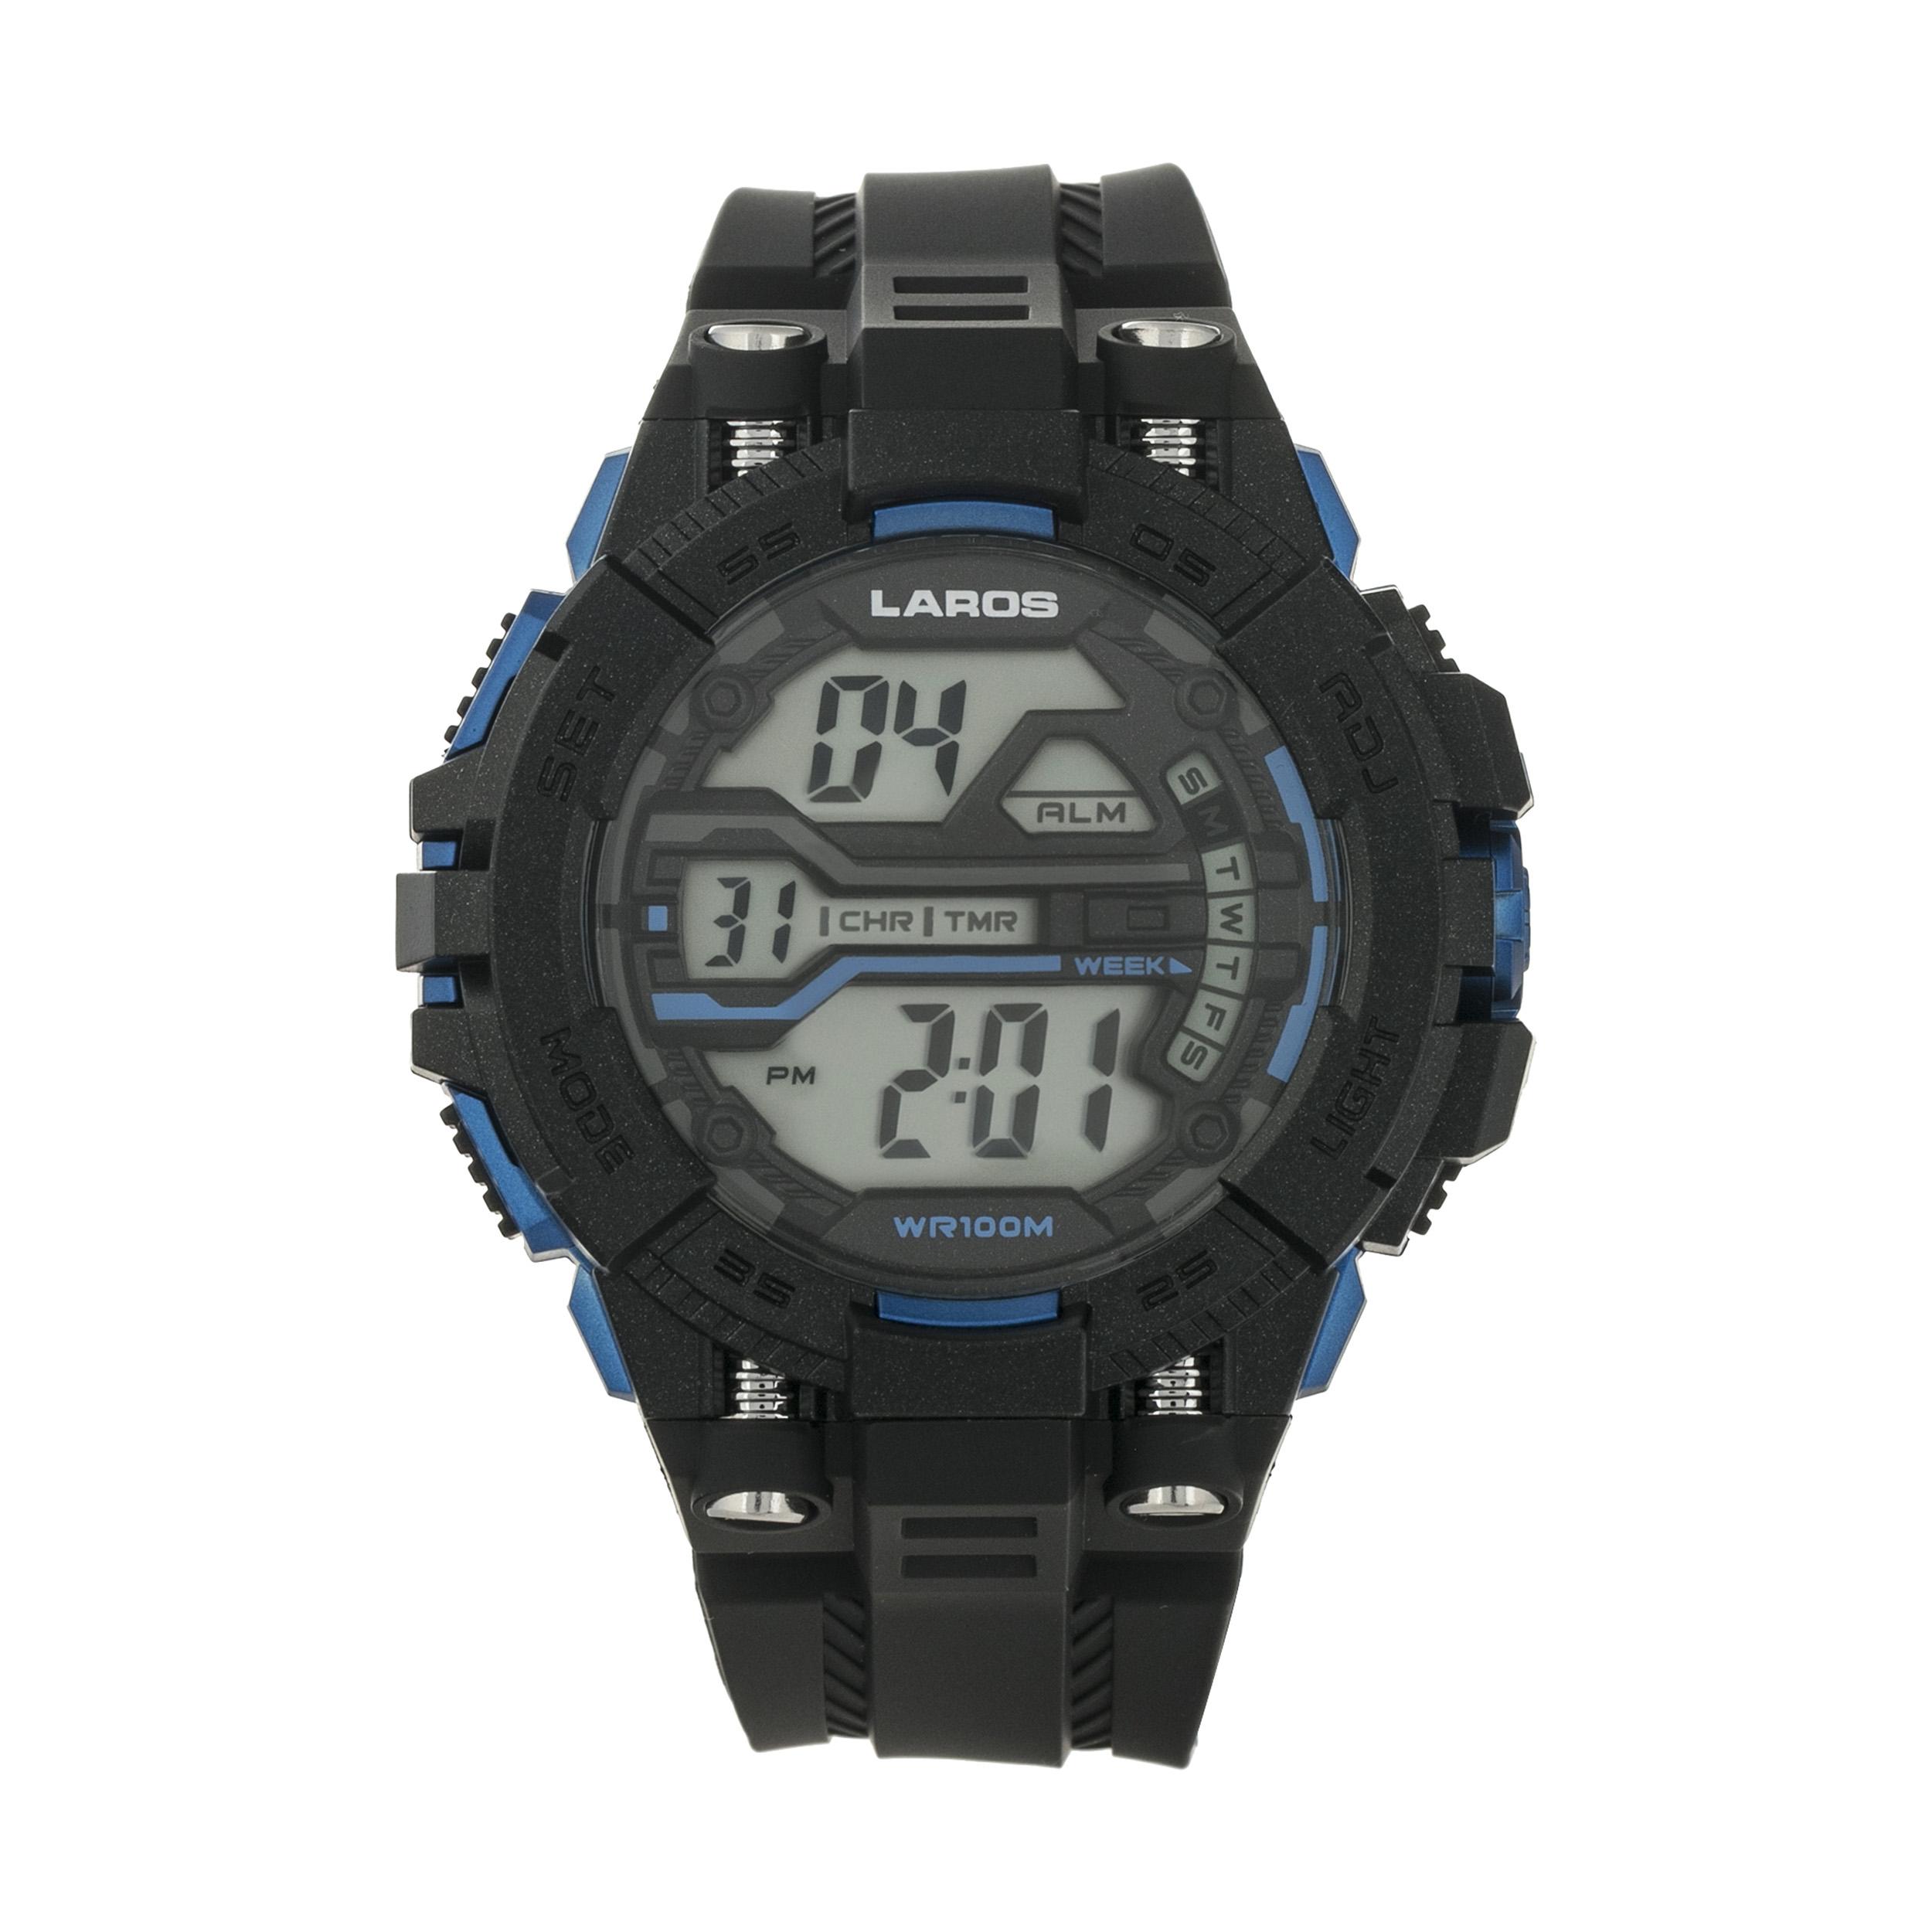 ساعت مچی دیجیتال مردانه لاروس مدل M1189-0318 به همراه دستمال مخصوص نانو برند کلیر واچ 24